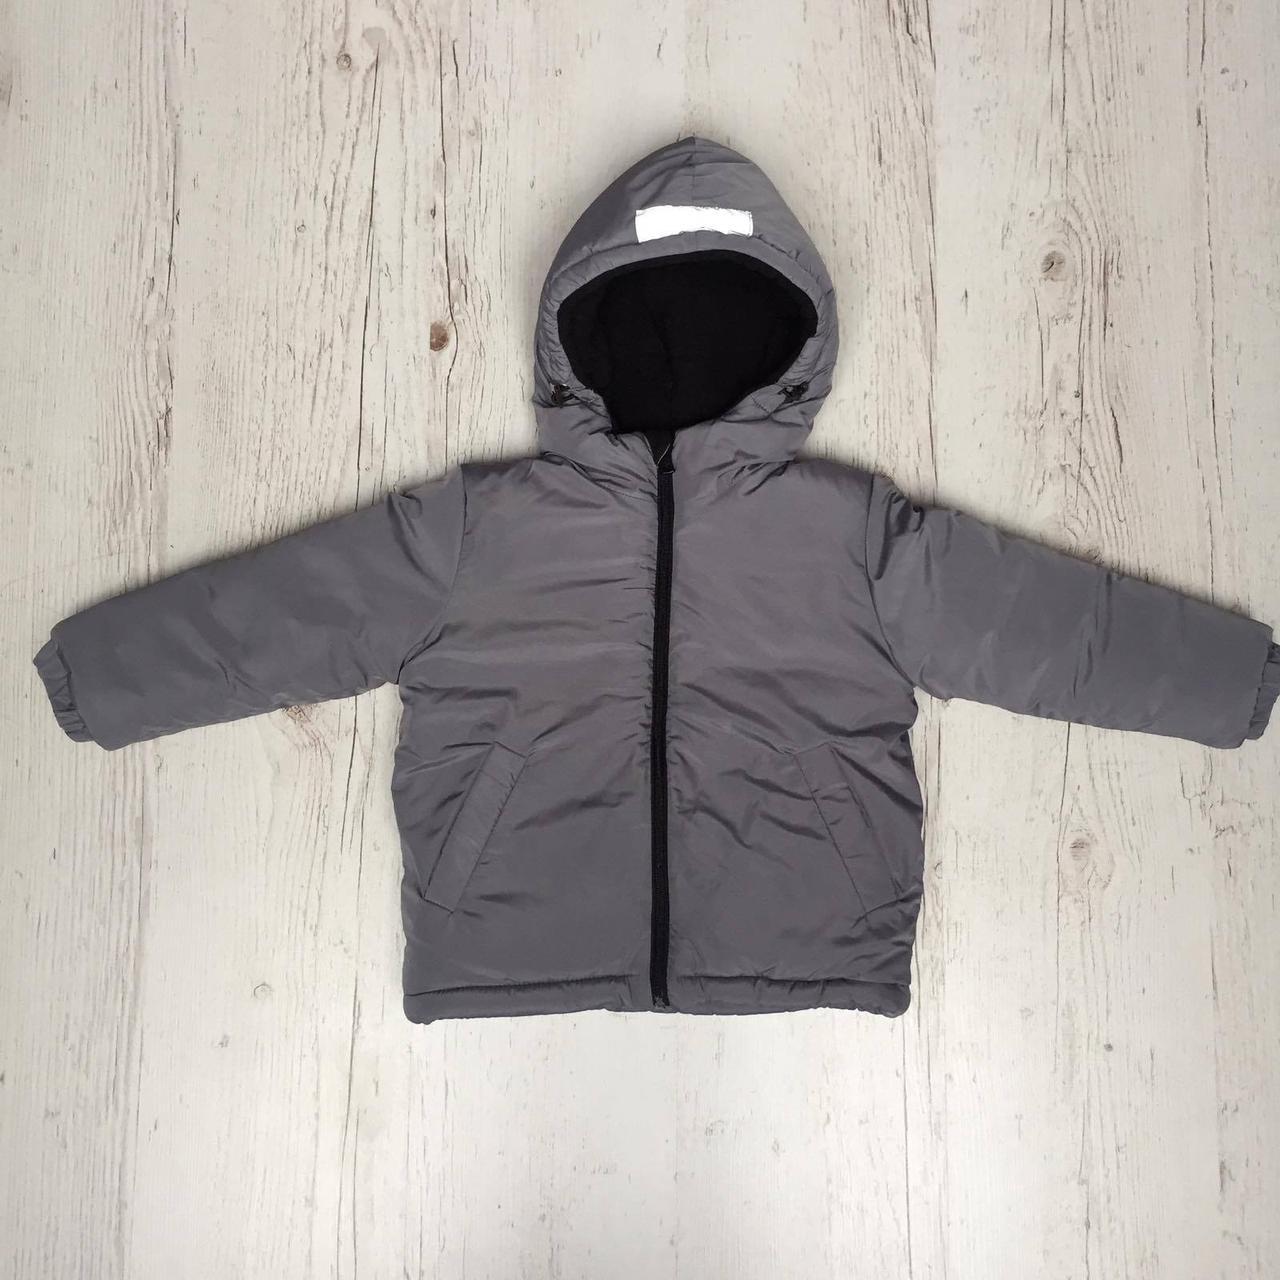 Зимова куртка сірого кольору розмір 104